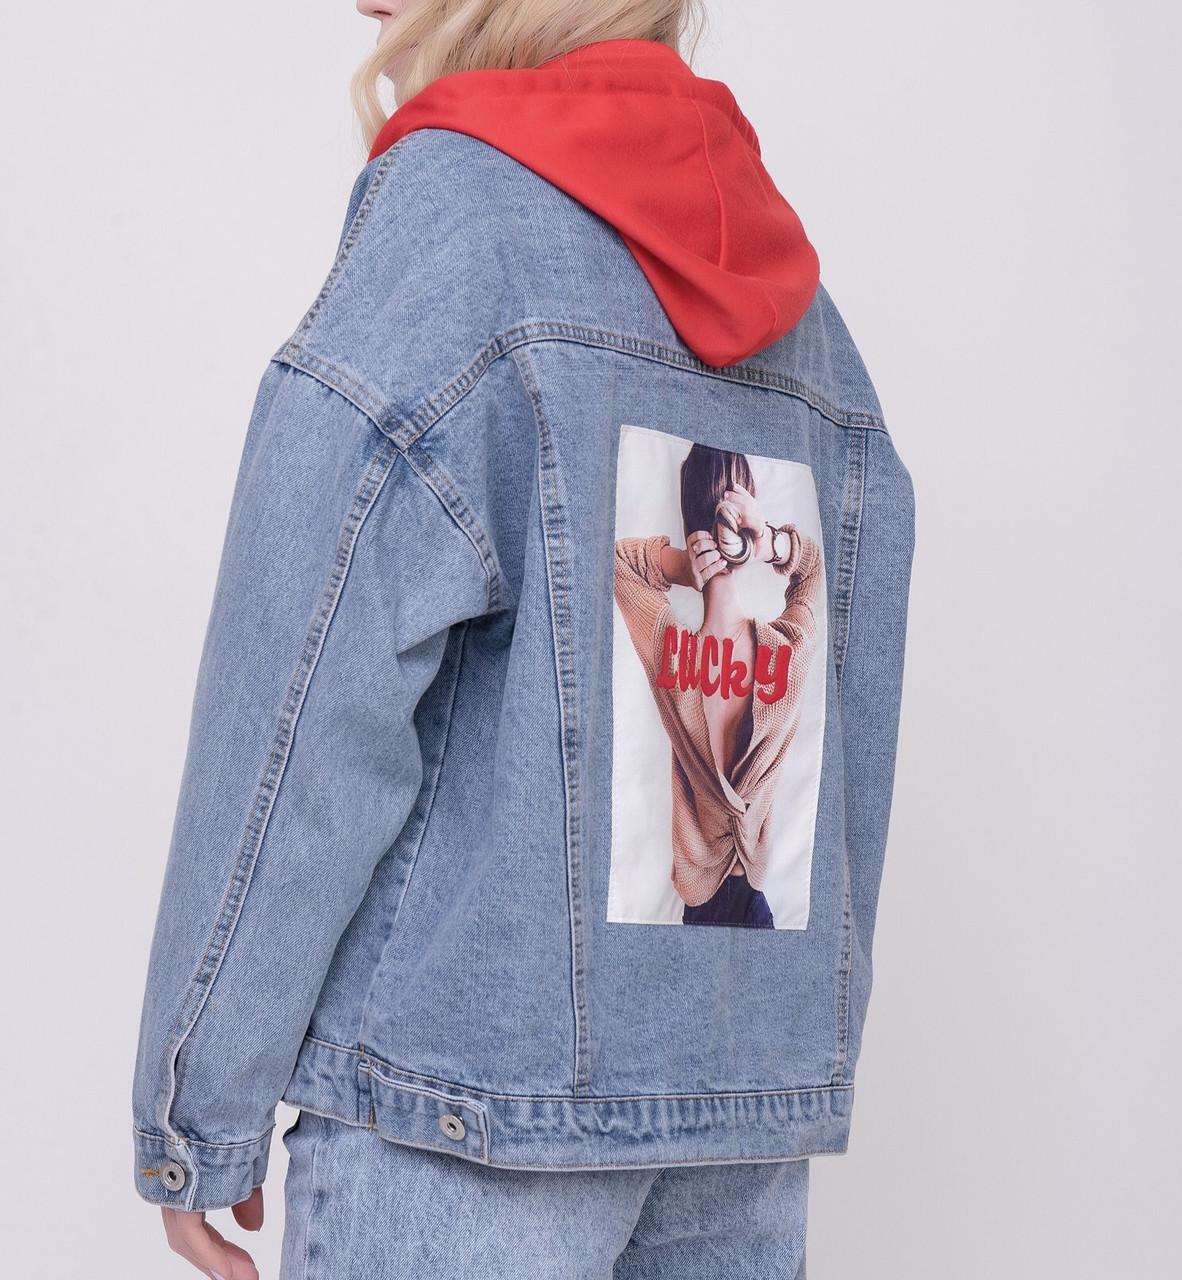 Джинсовая куртка Одежда для модниц